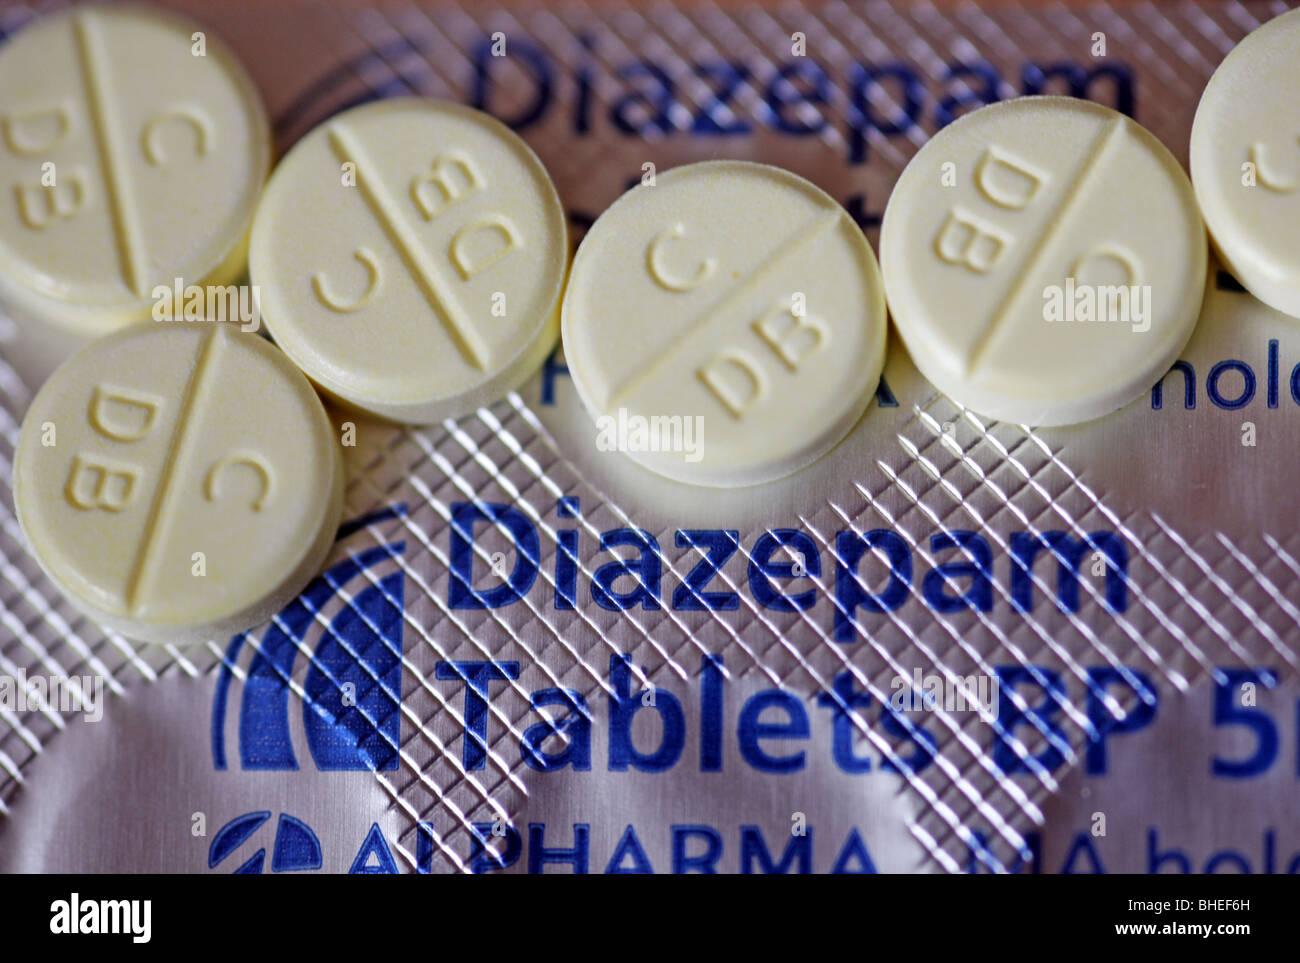 Tabletas de diazepam Foto de stock